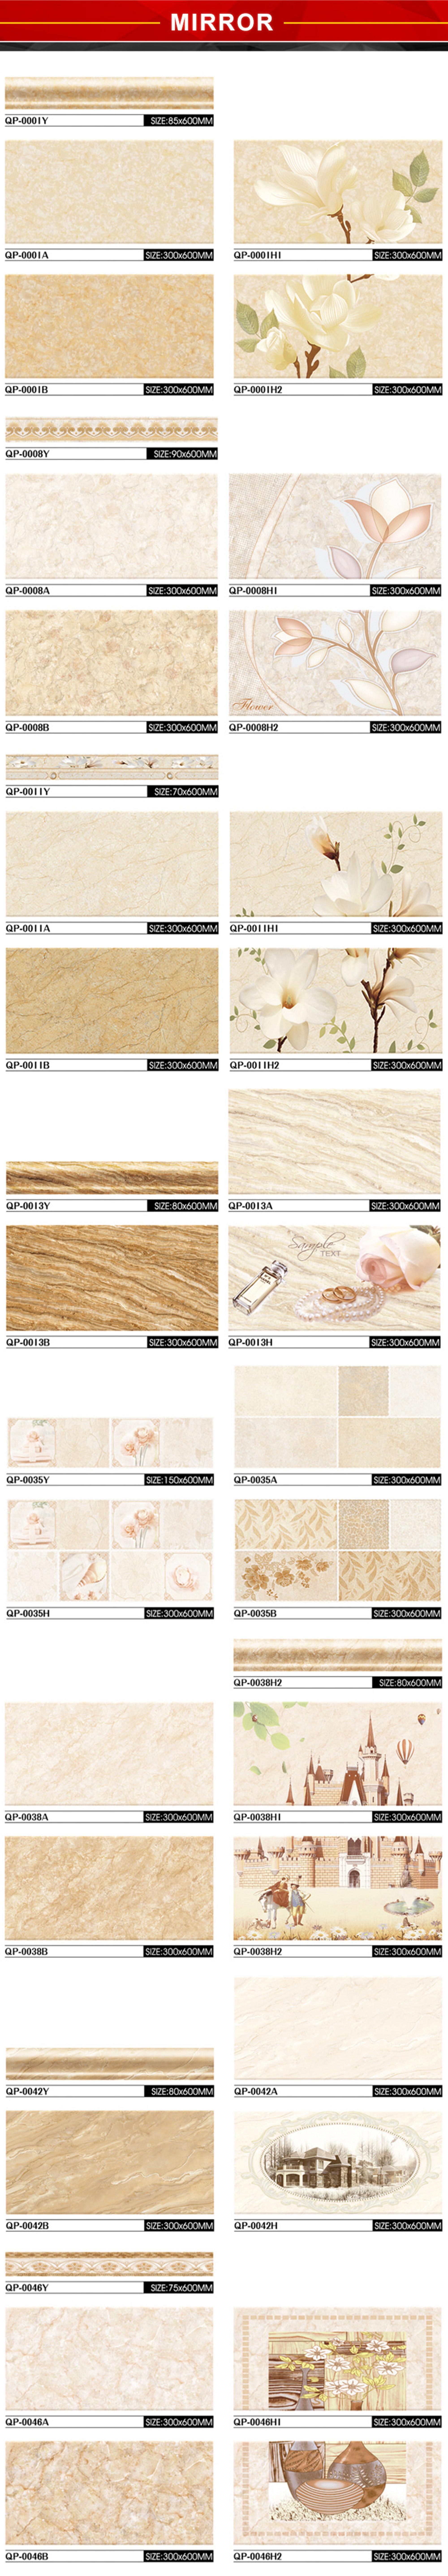 Free Sample Cheap Prices Flower Ceramic Wall Tiles White Ceramic Floor Tile 600x600